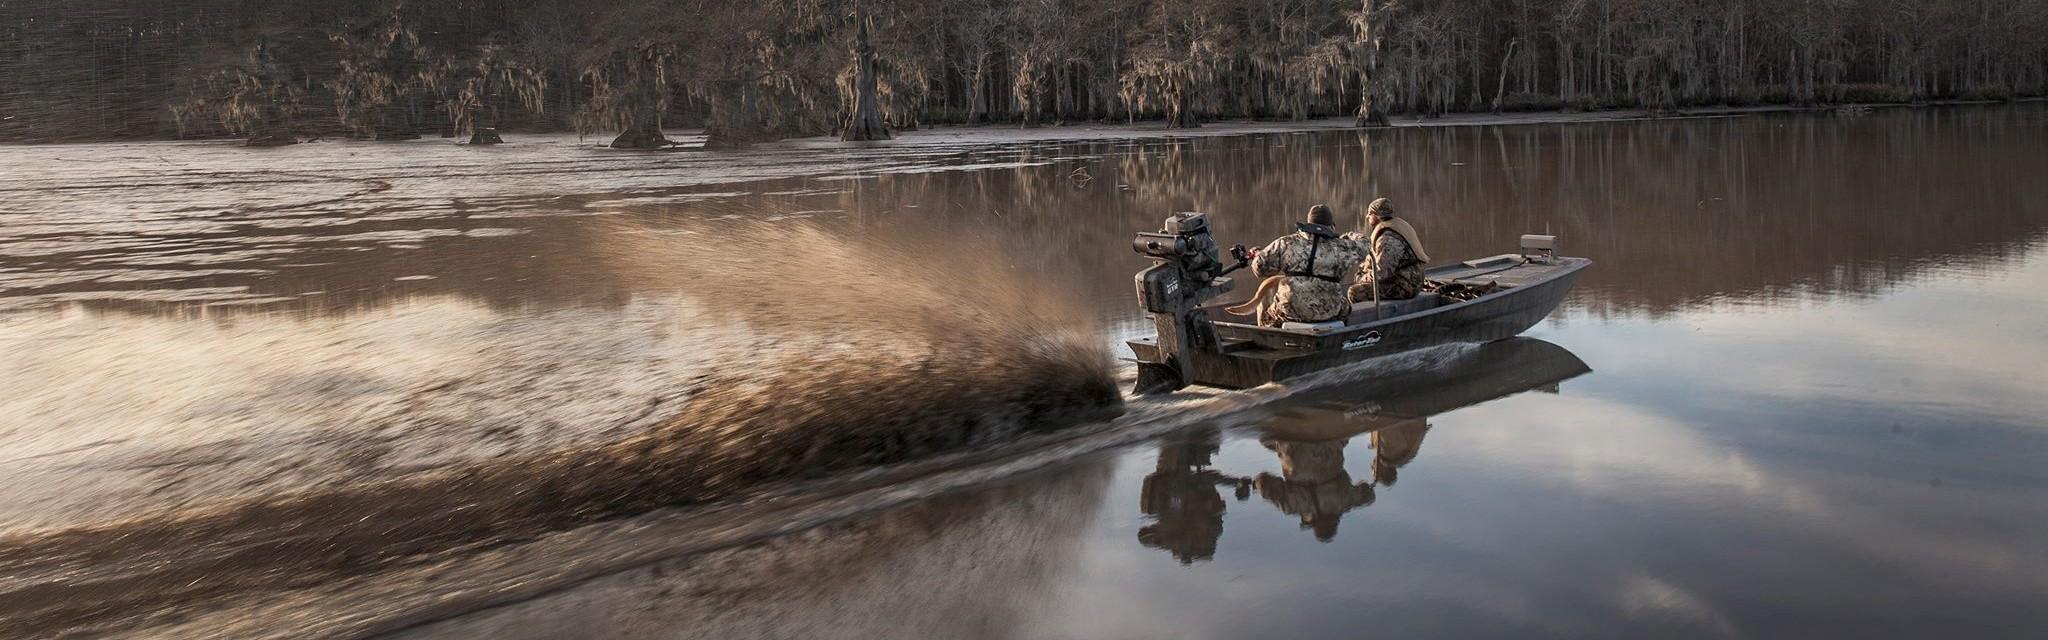 GatorTail Boat Motor Dealer 37 GTR XD